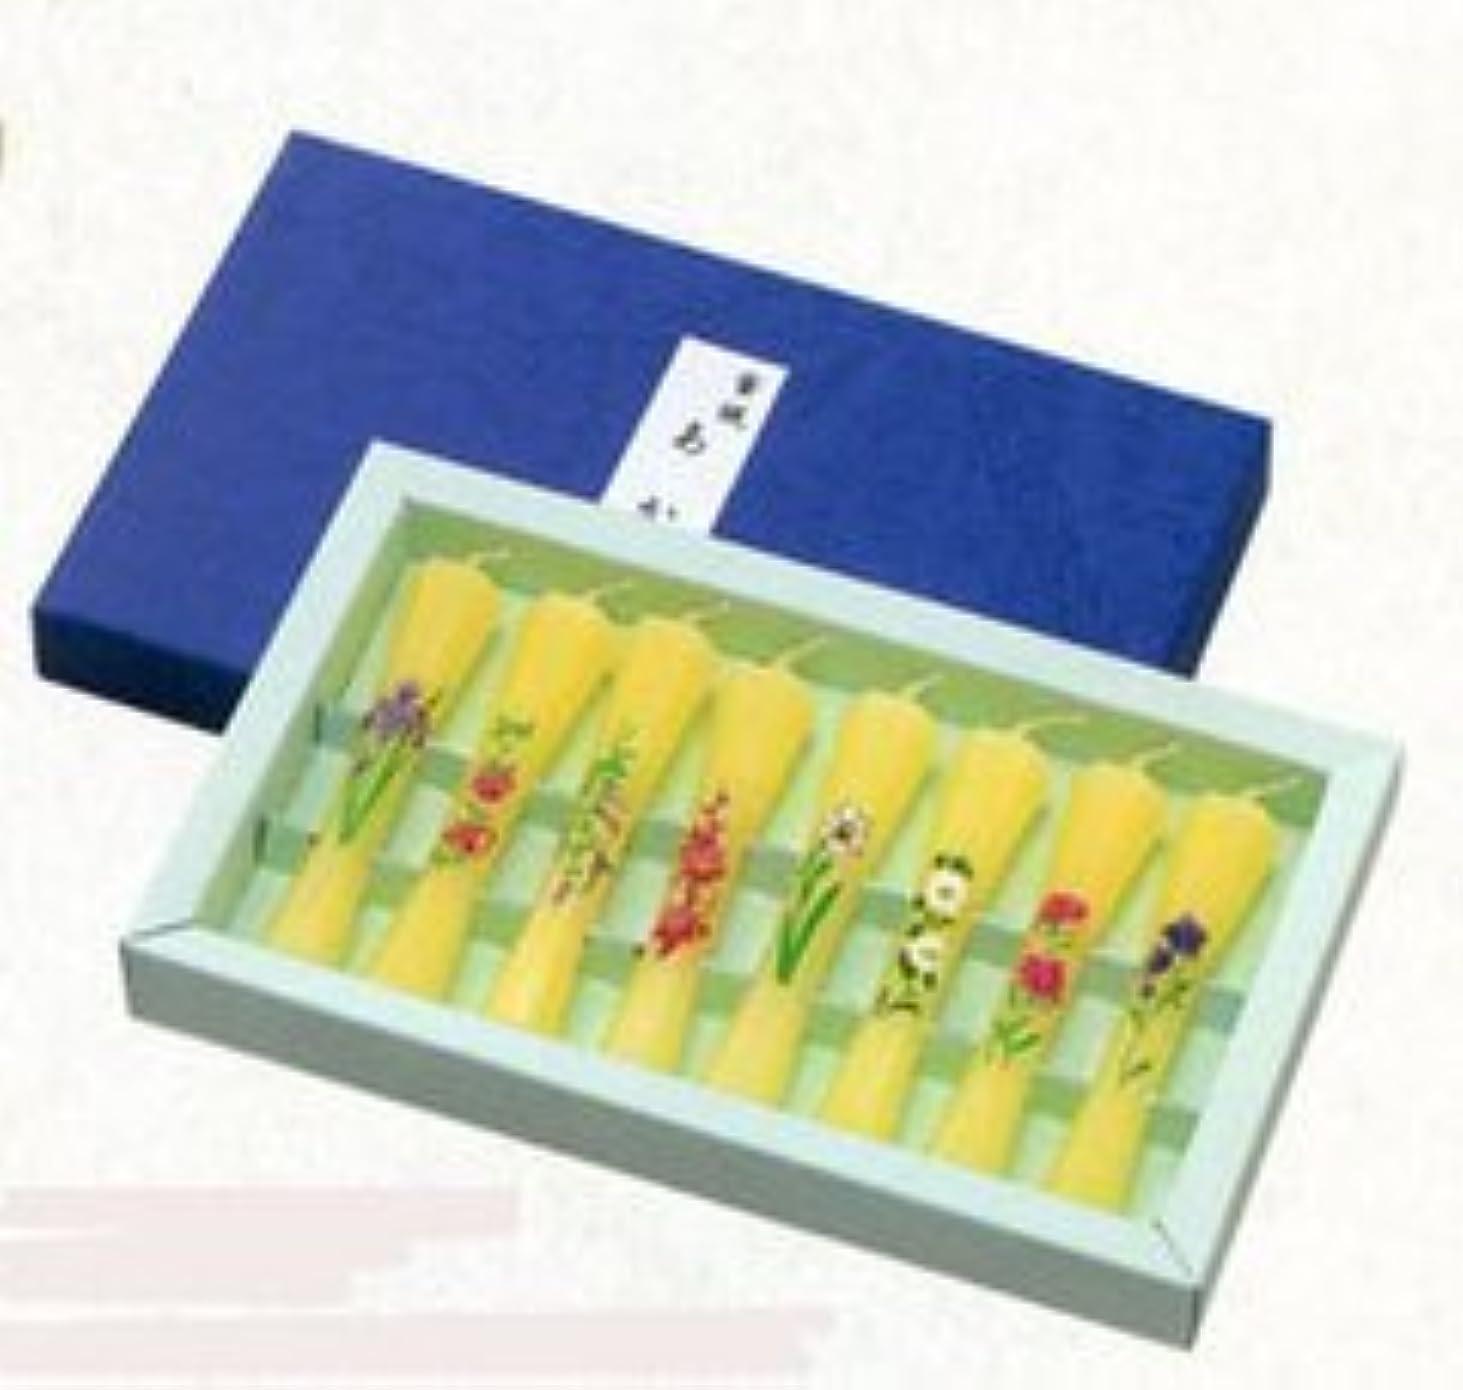 革命的作ります属する鮮やかな花の絵ローソク8本 蜜蝋(みつろー) 茜 絵ローソク